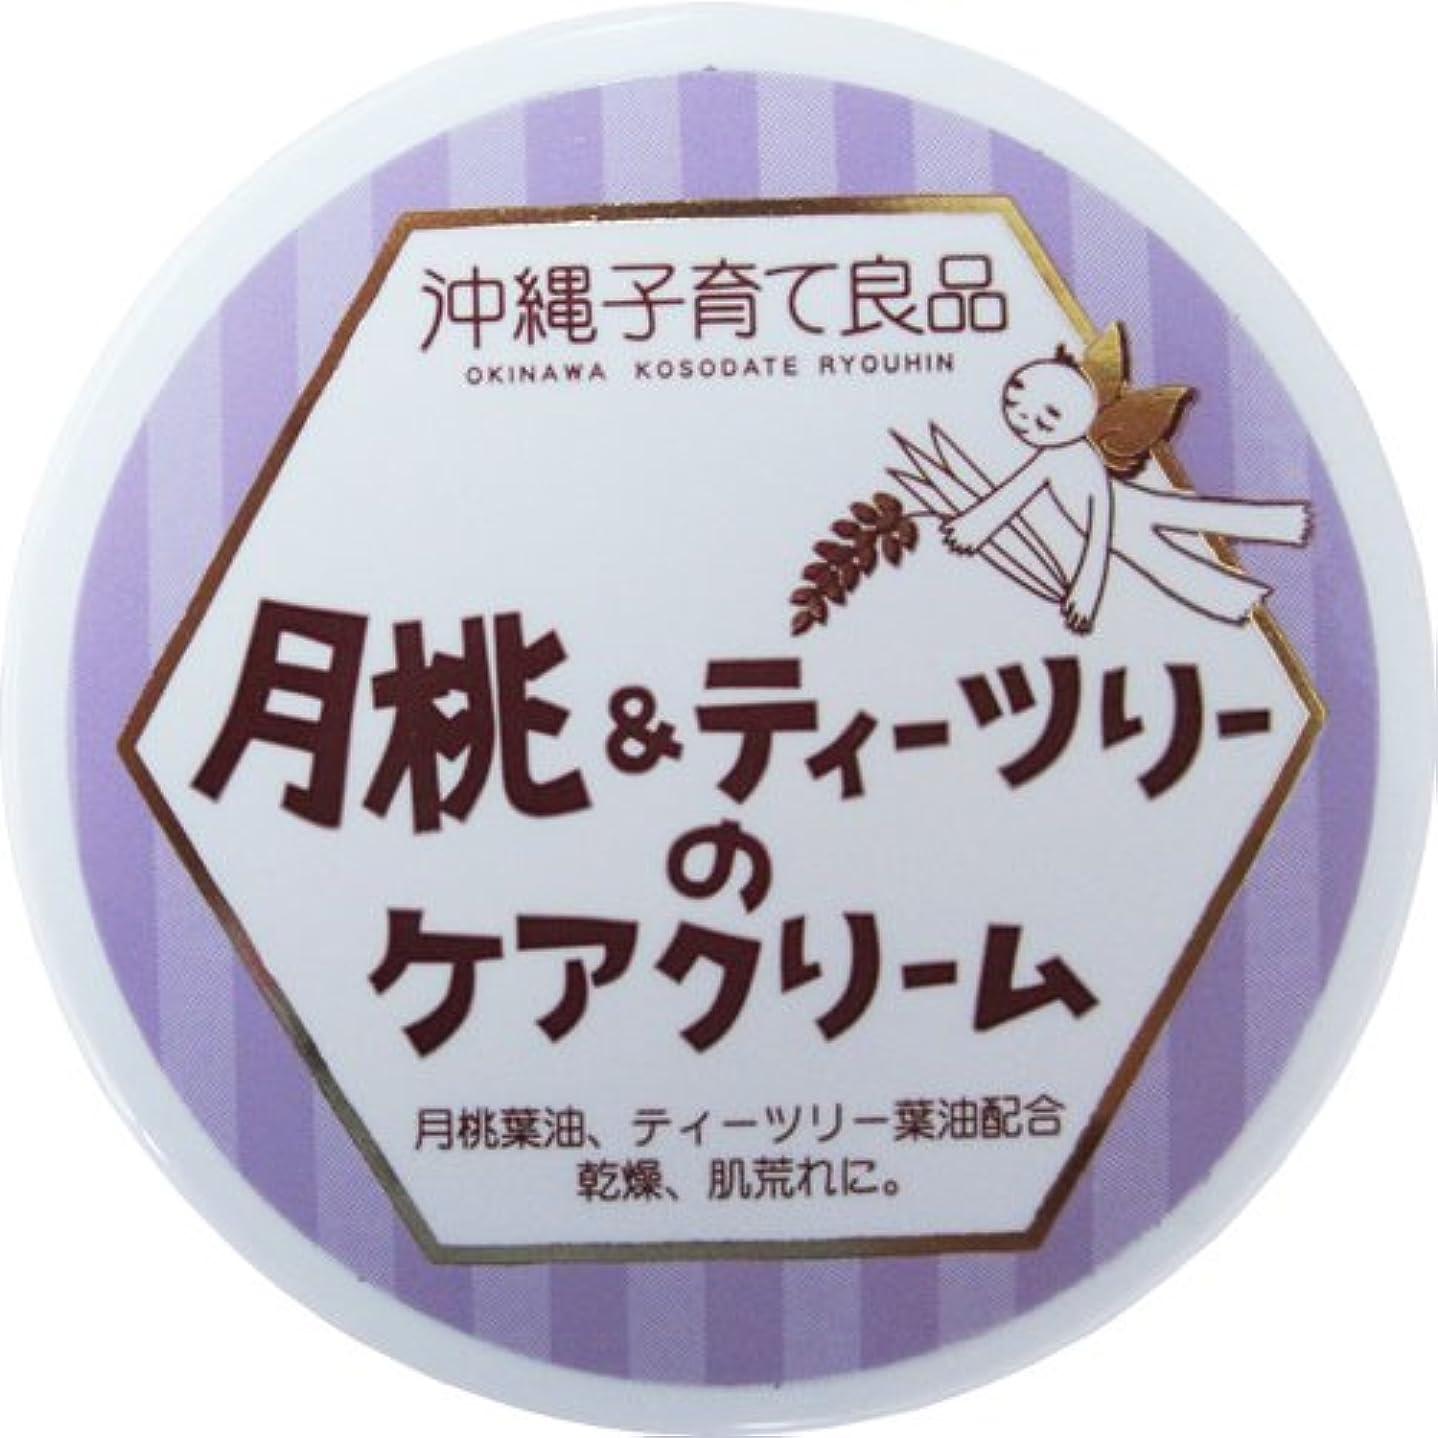 詳細なバイパス征服者沖縄子育て良品 月桃&ティツリーのケアクリーム (25g)